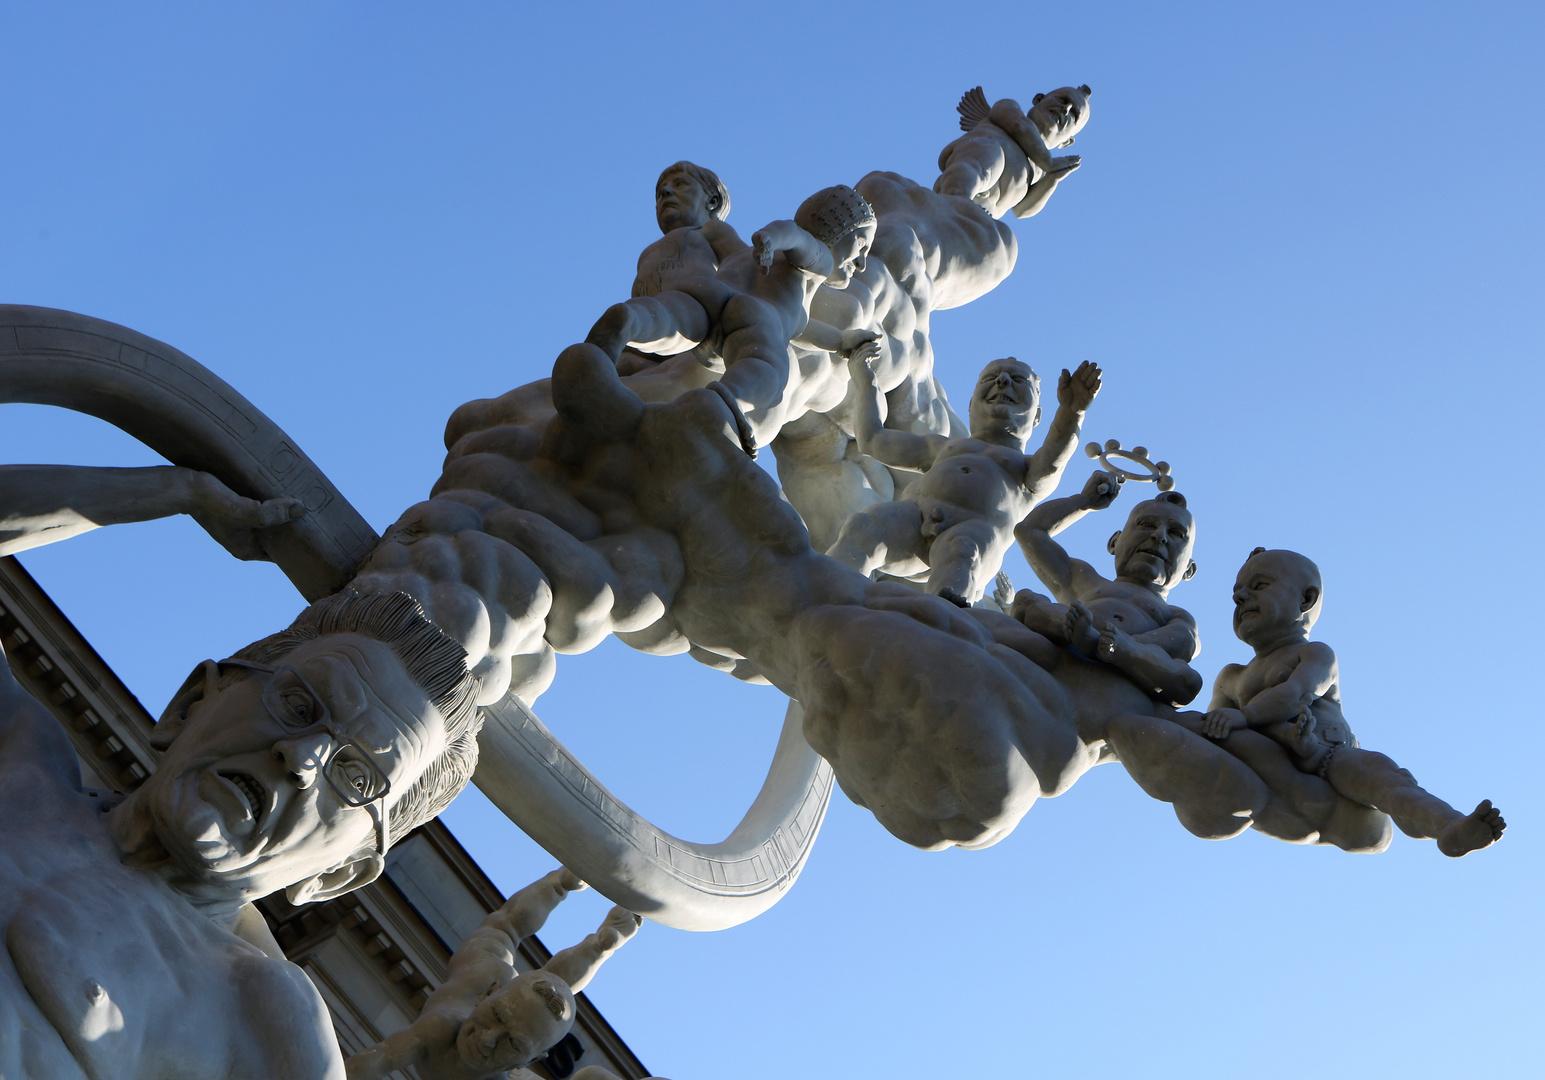 Denkmal Stgt Wilde13 V2 S21 Stgt Ca-20-03-col +Fotos +Text